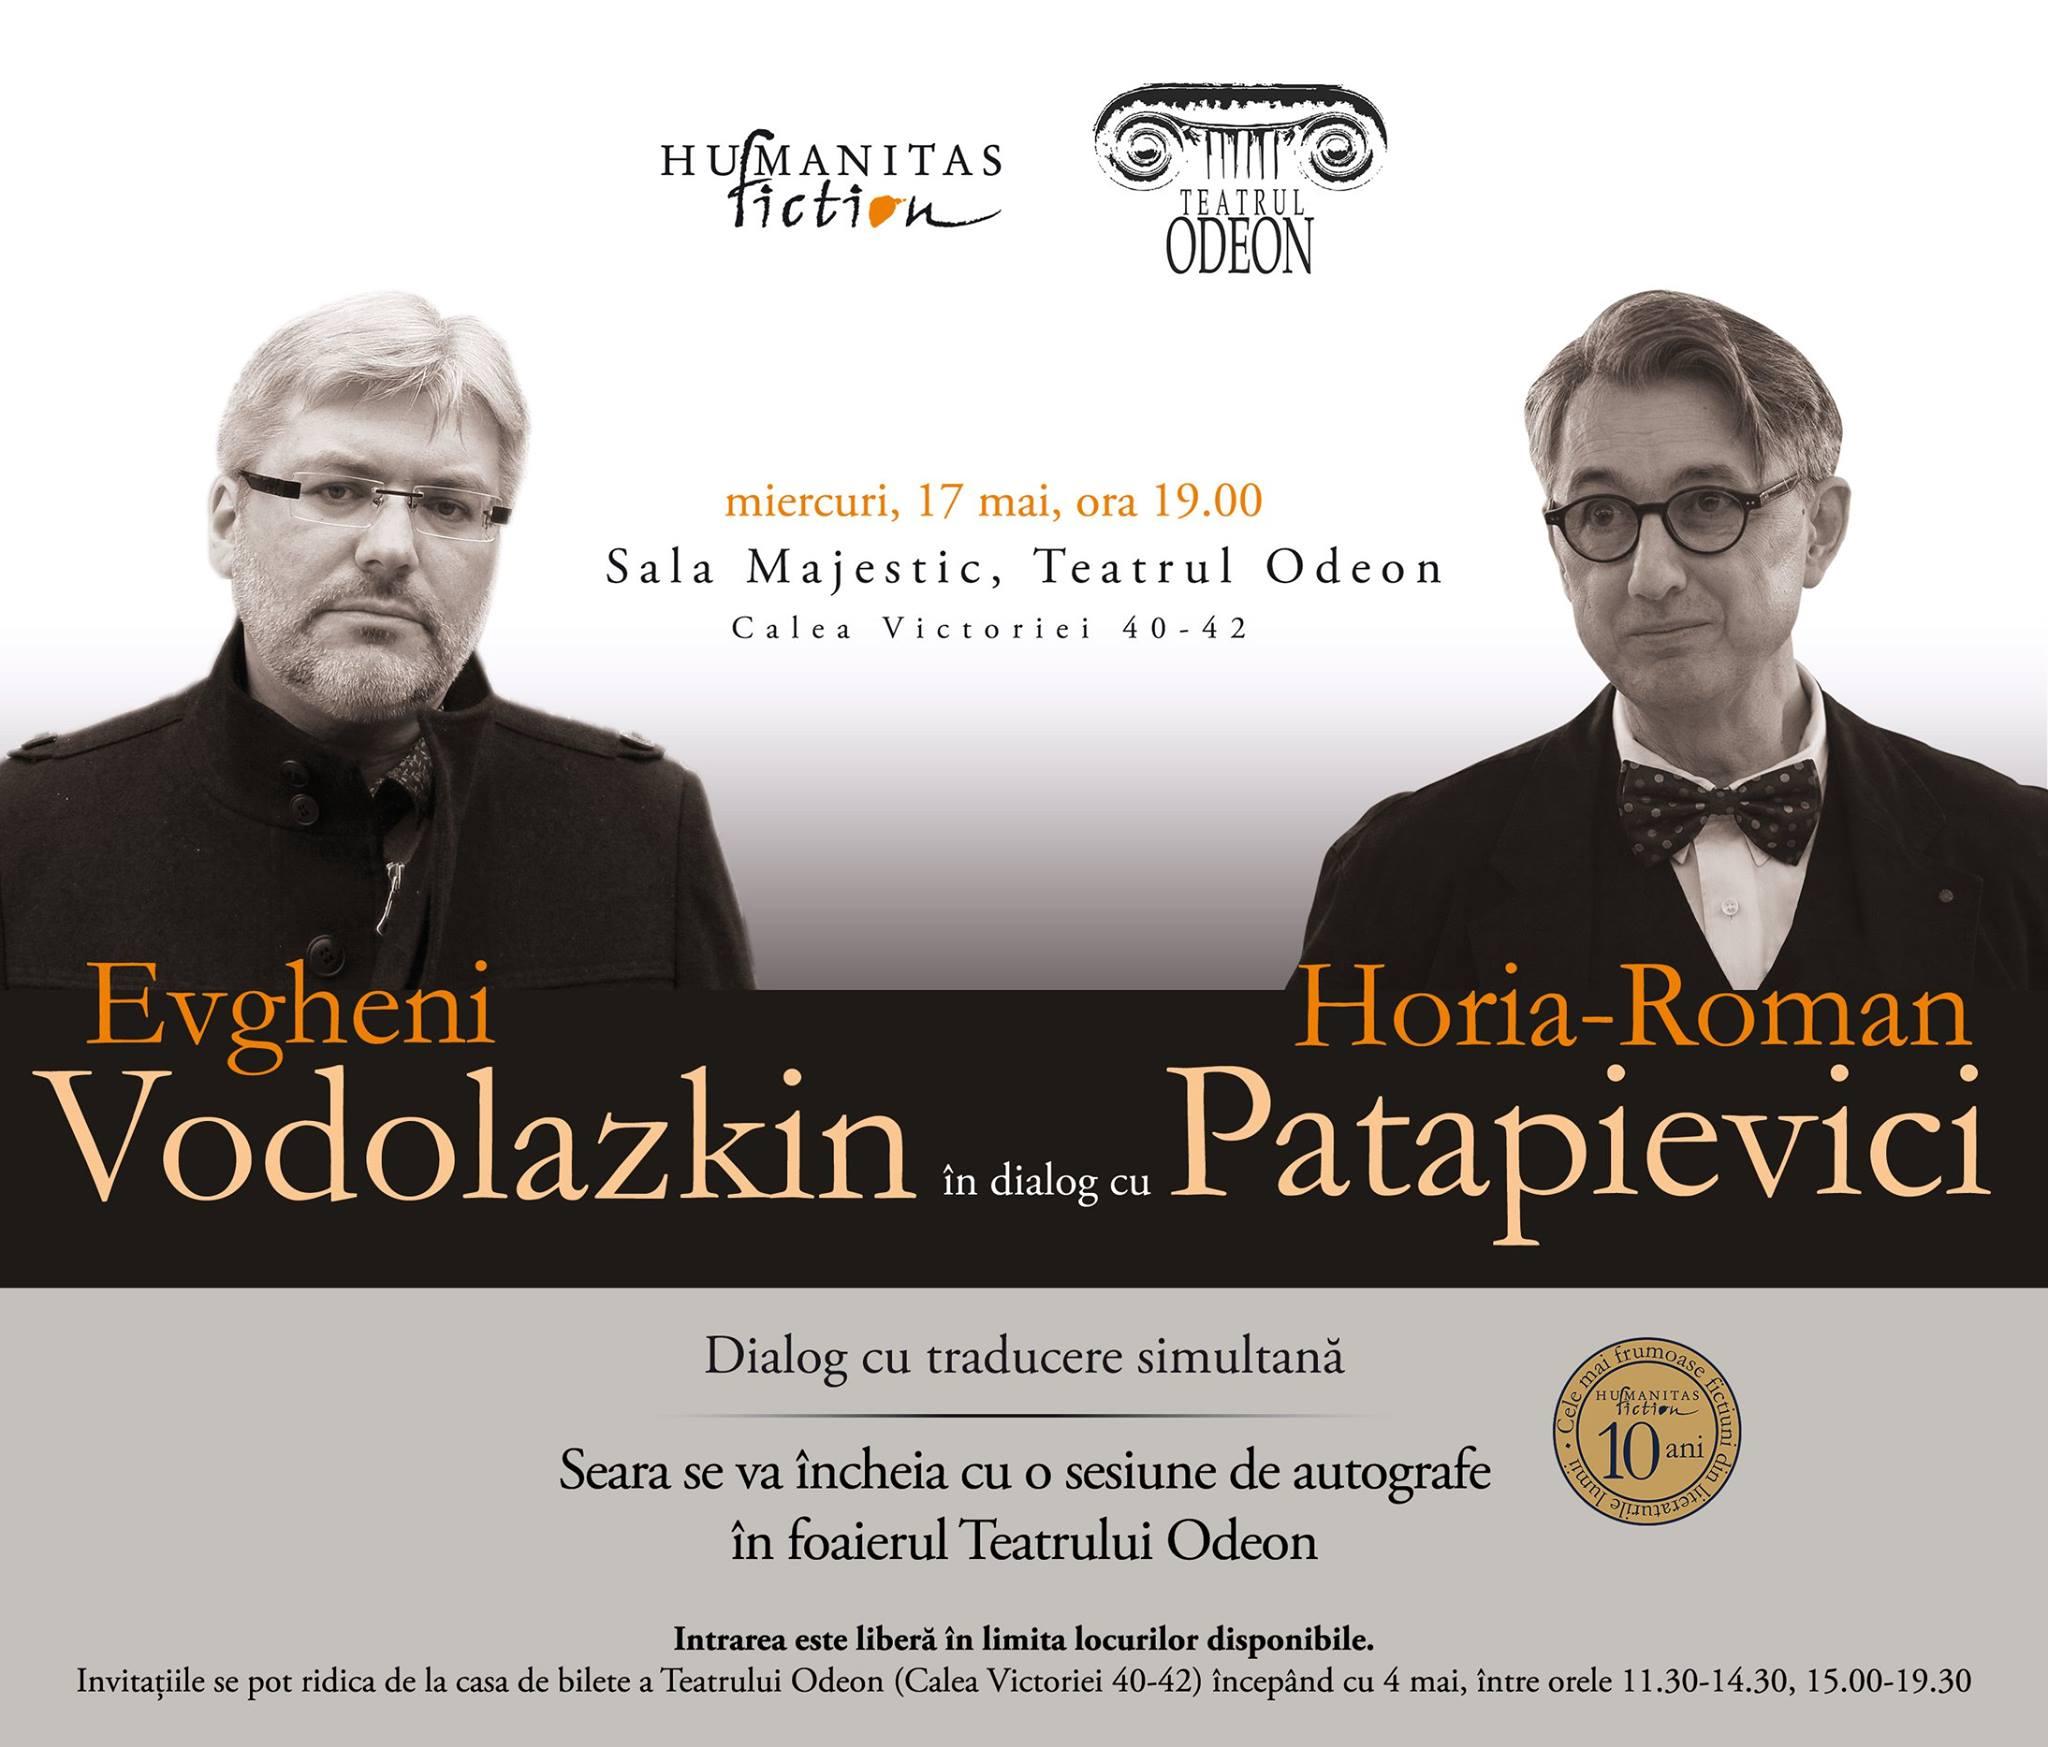 Evgheni Vodolazkin în dialog cu Horia-Roman Patapievici